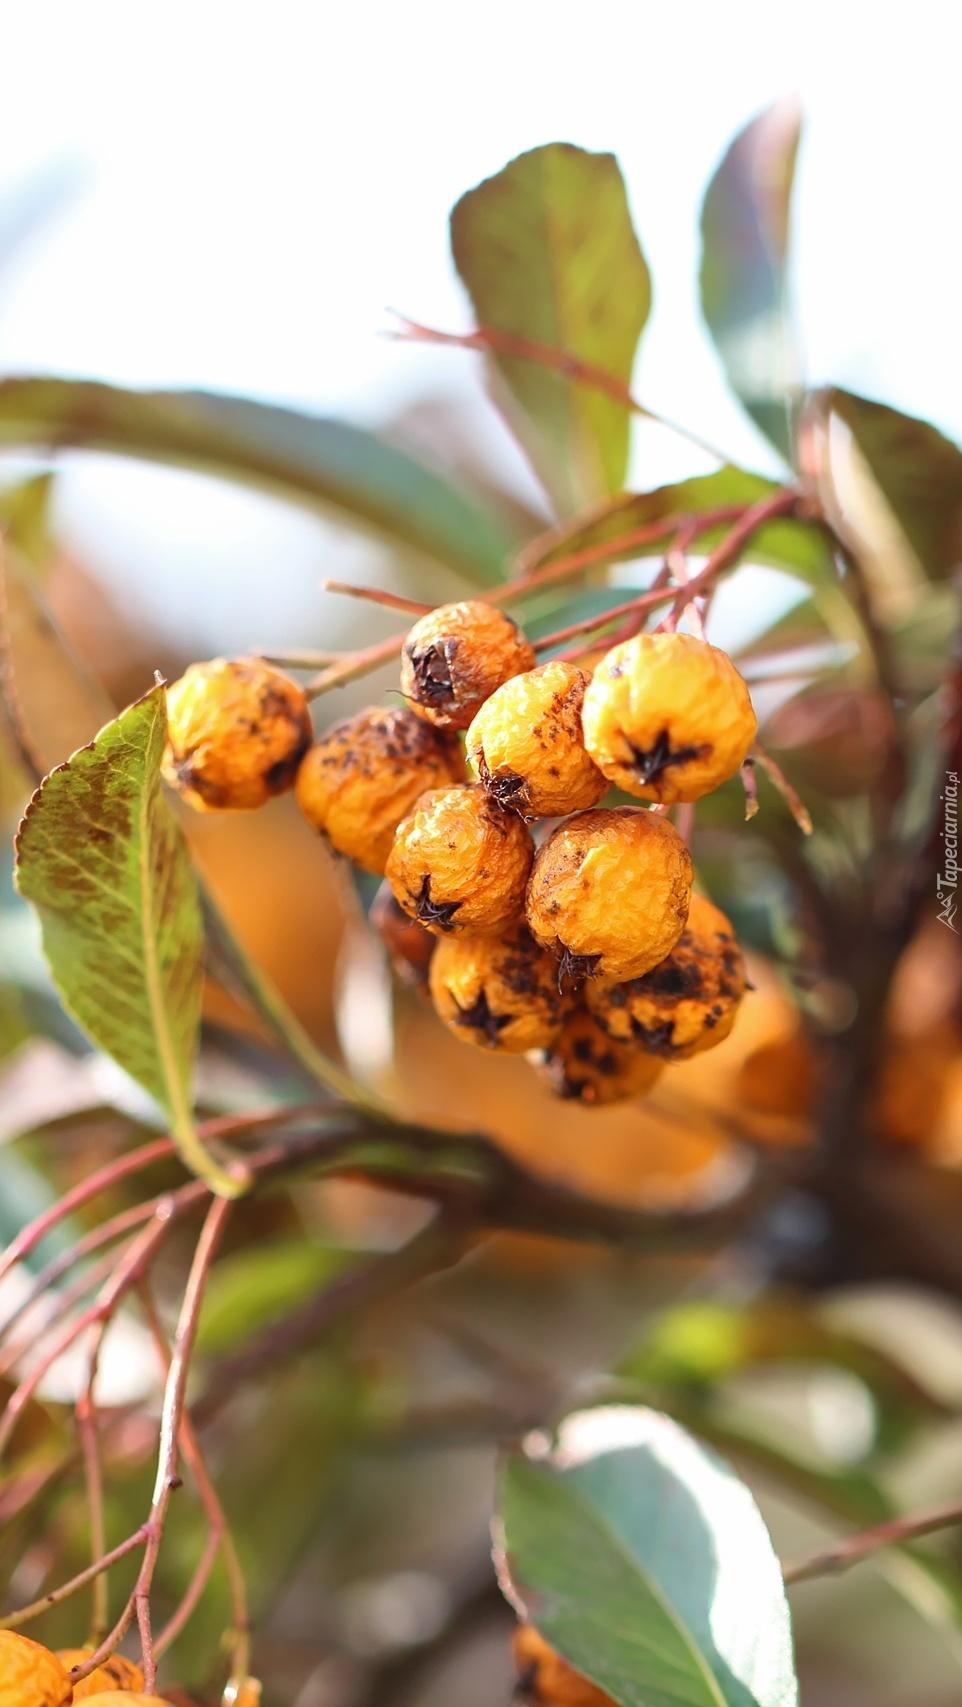 Zmarszczone owoce ognika szkarłatnego